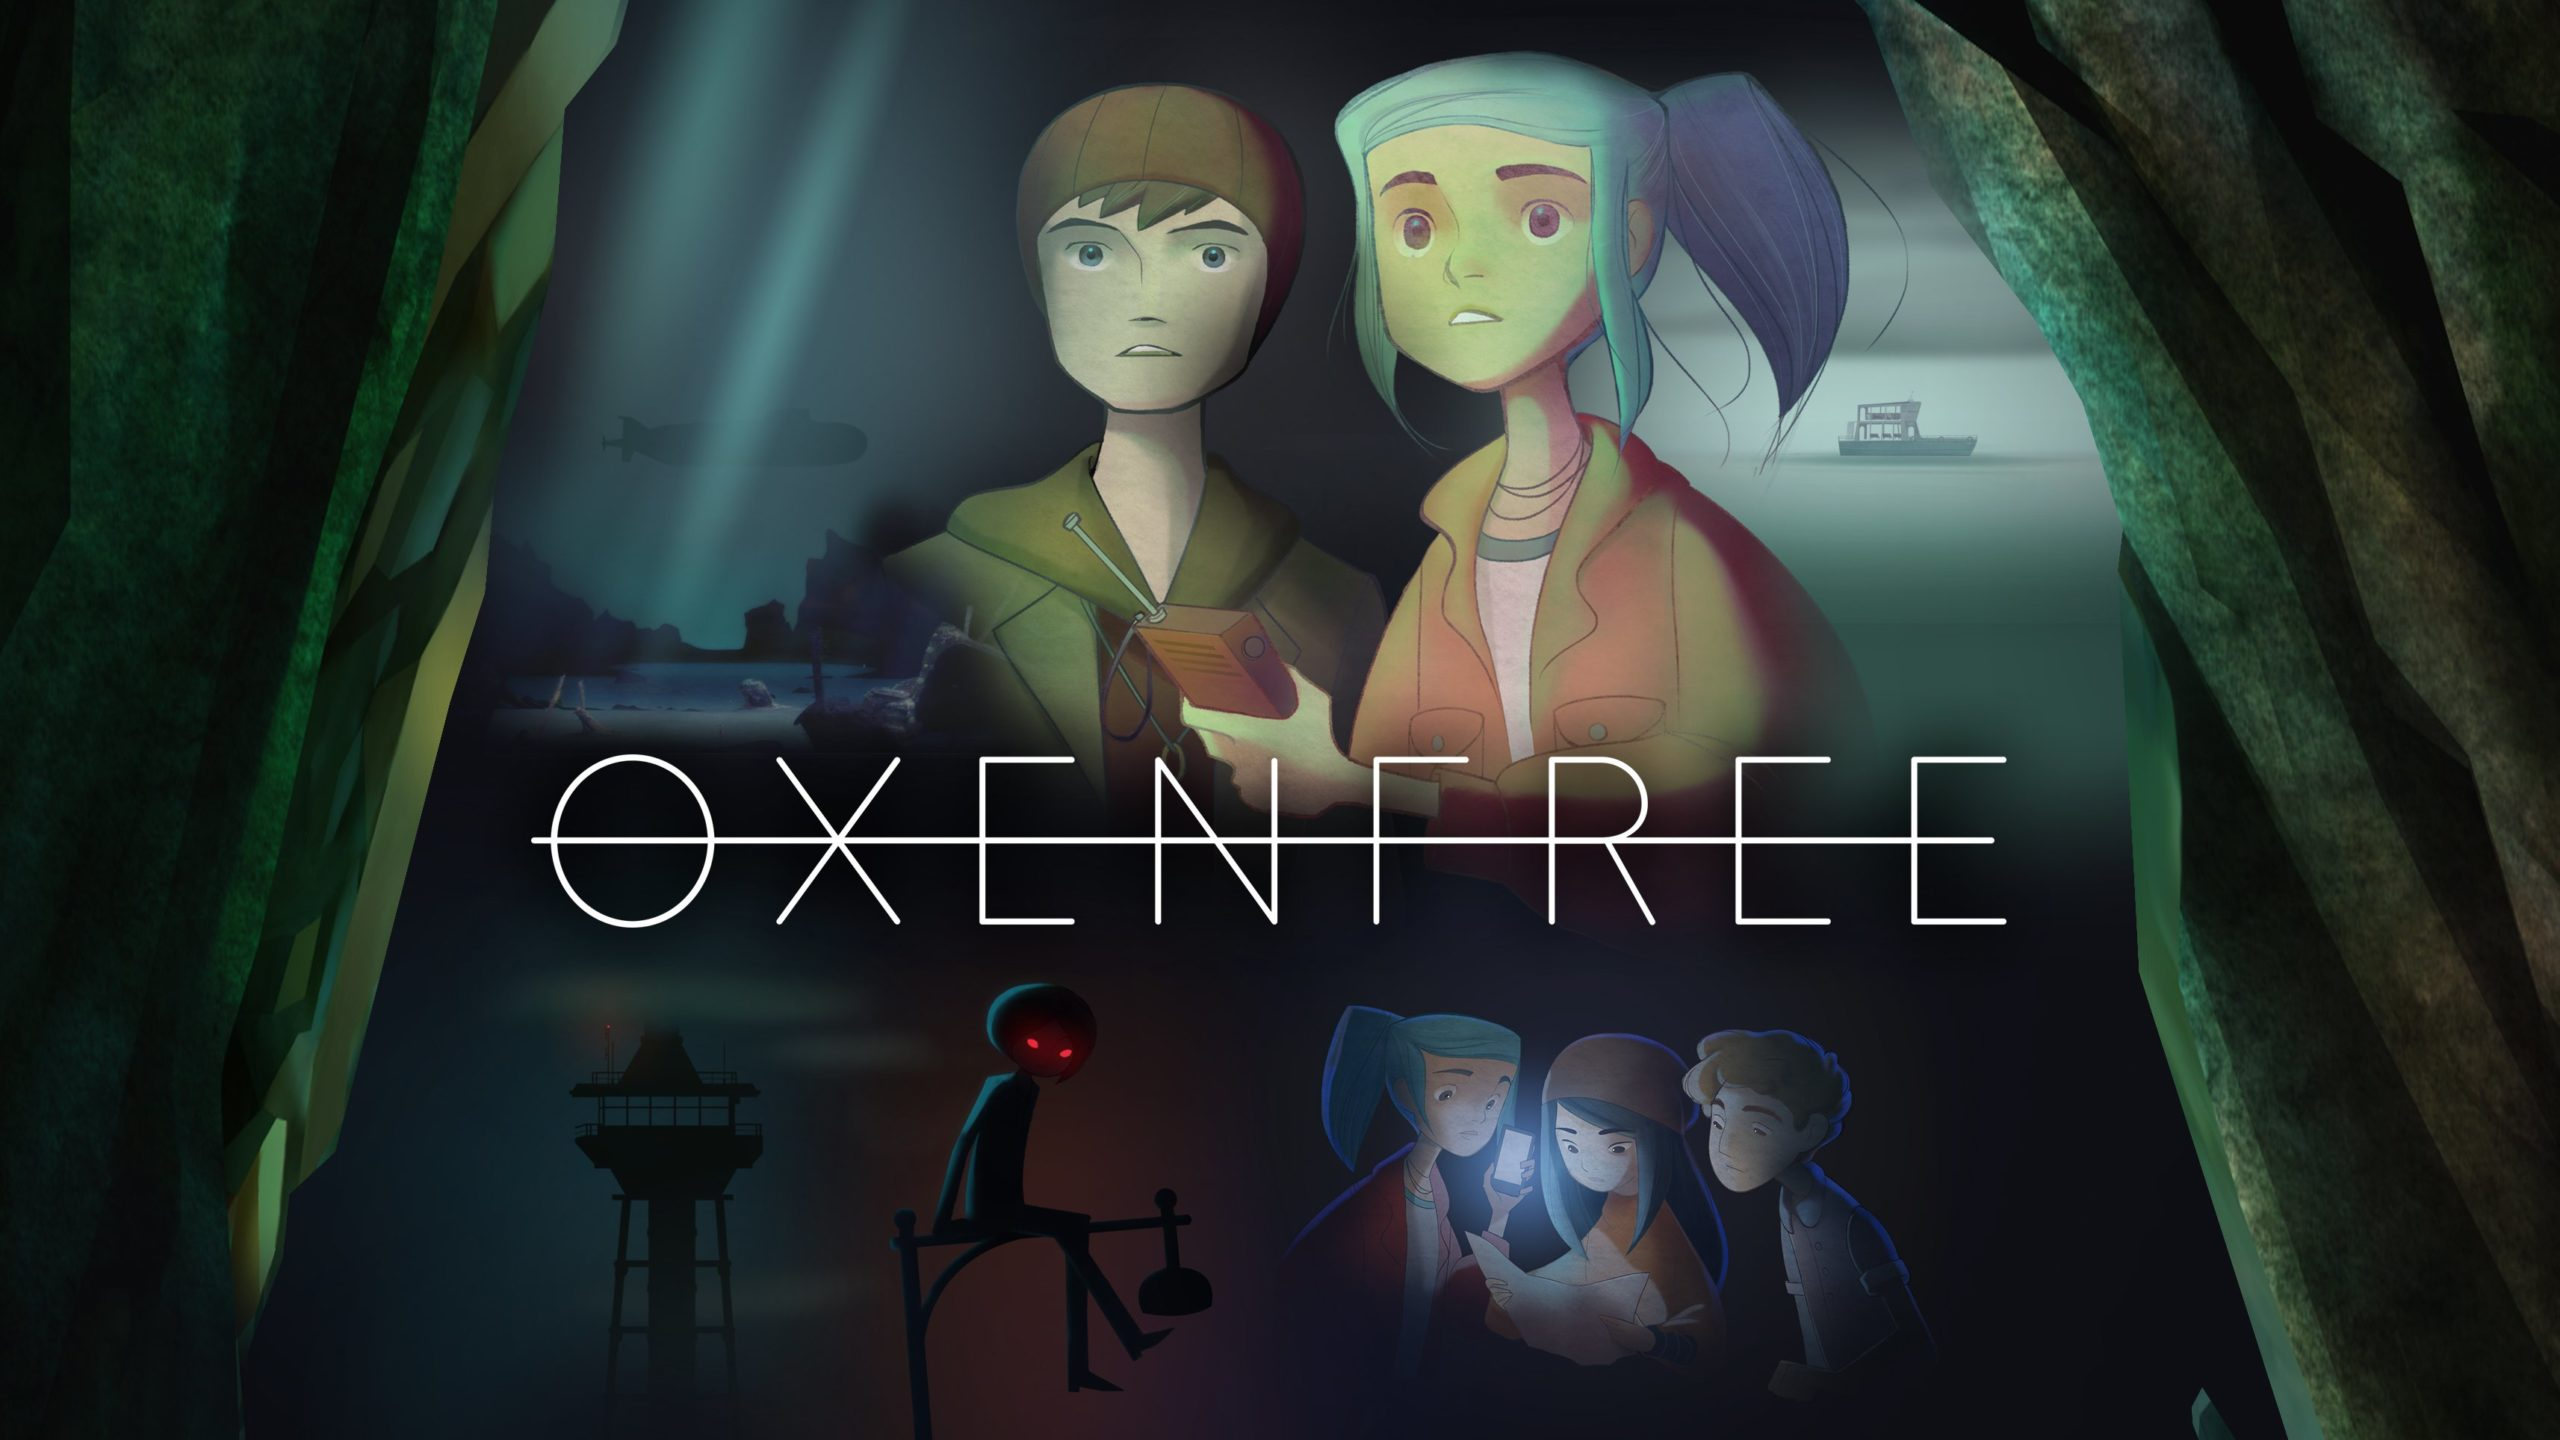 084: Oxenfree